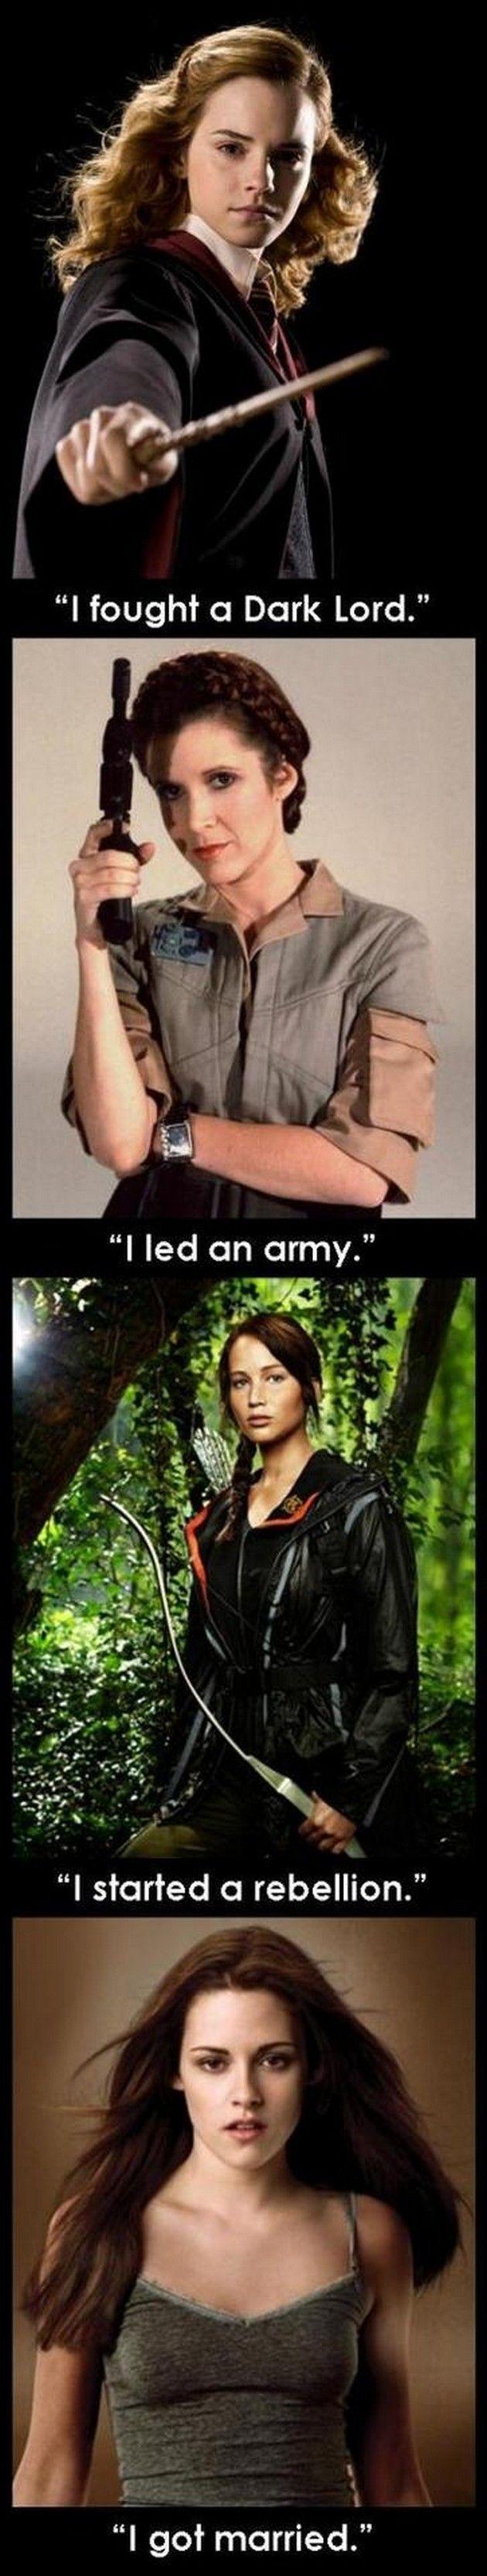 #HermonieGranger #PrincessLeia #KatnissEverdeen #BellaSwan